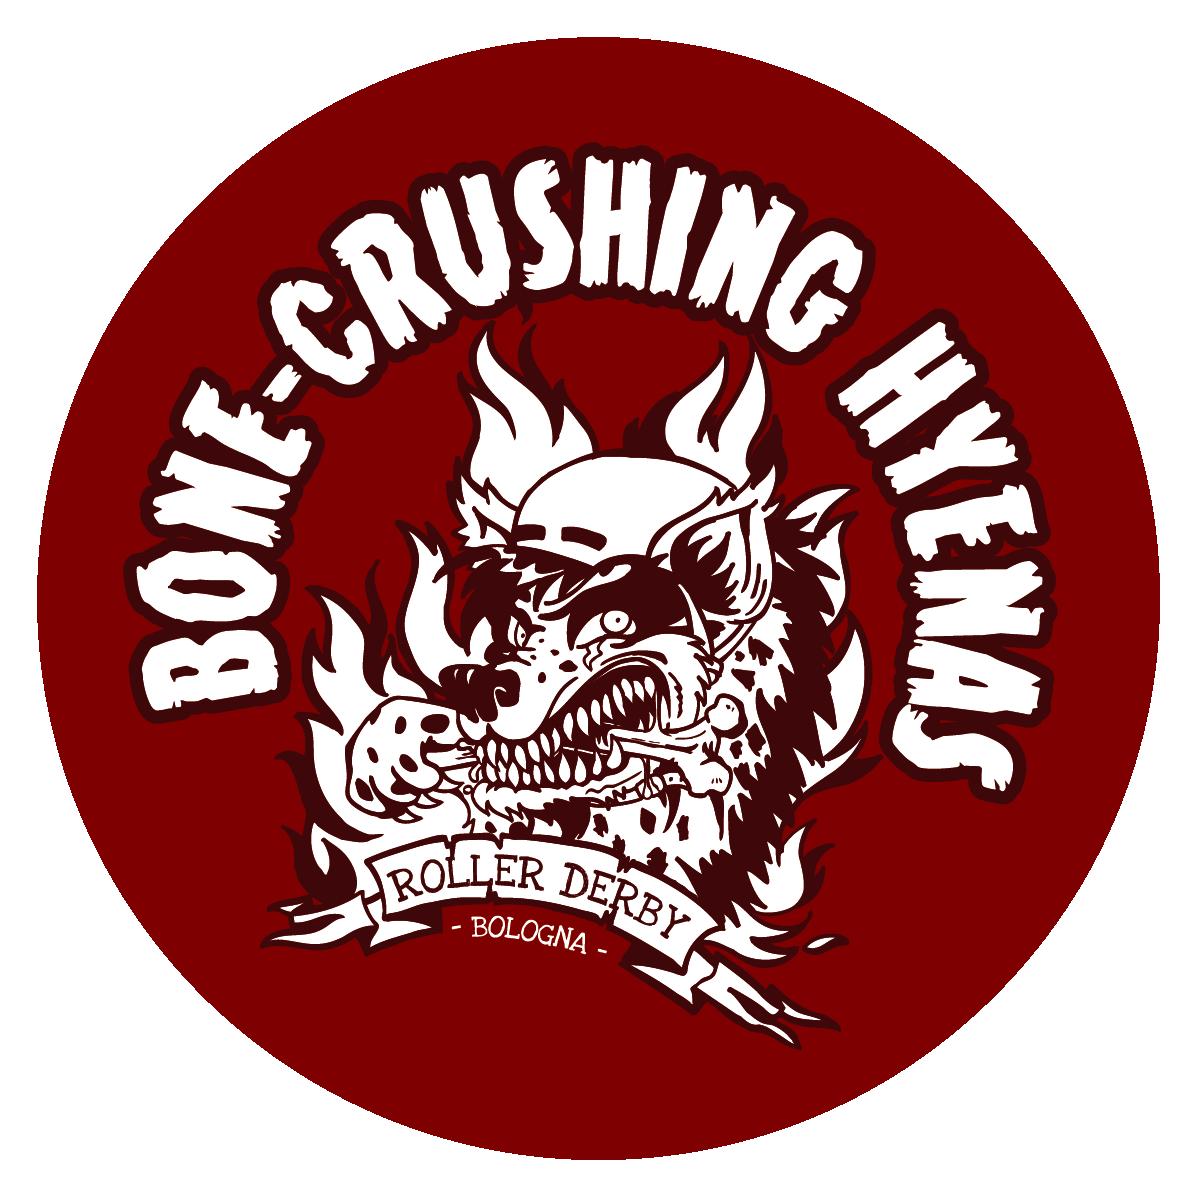 Bone crushing hyenas